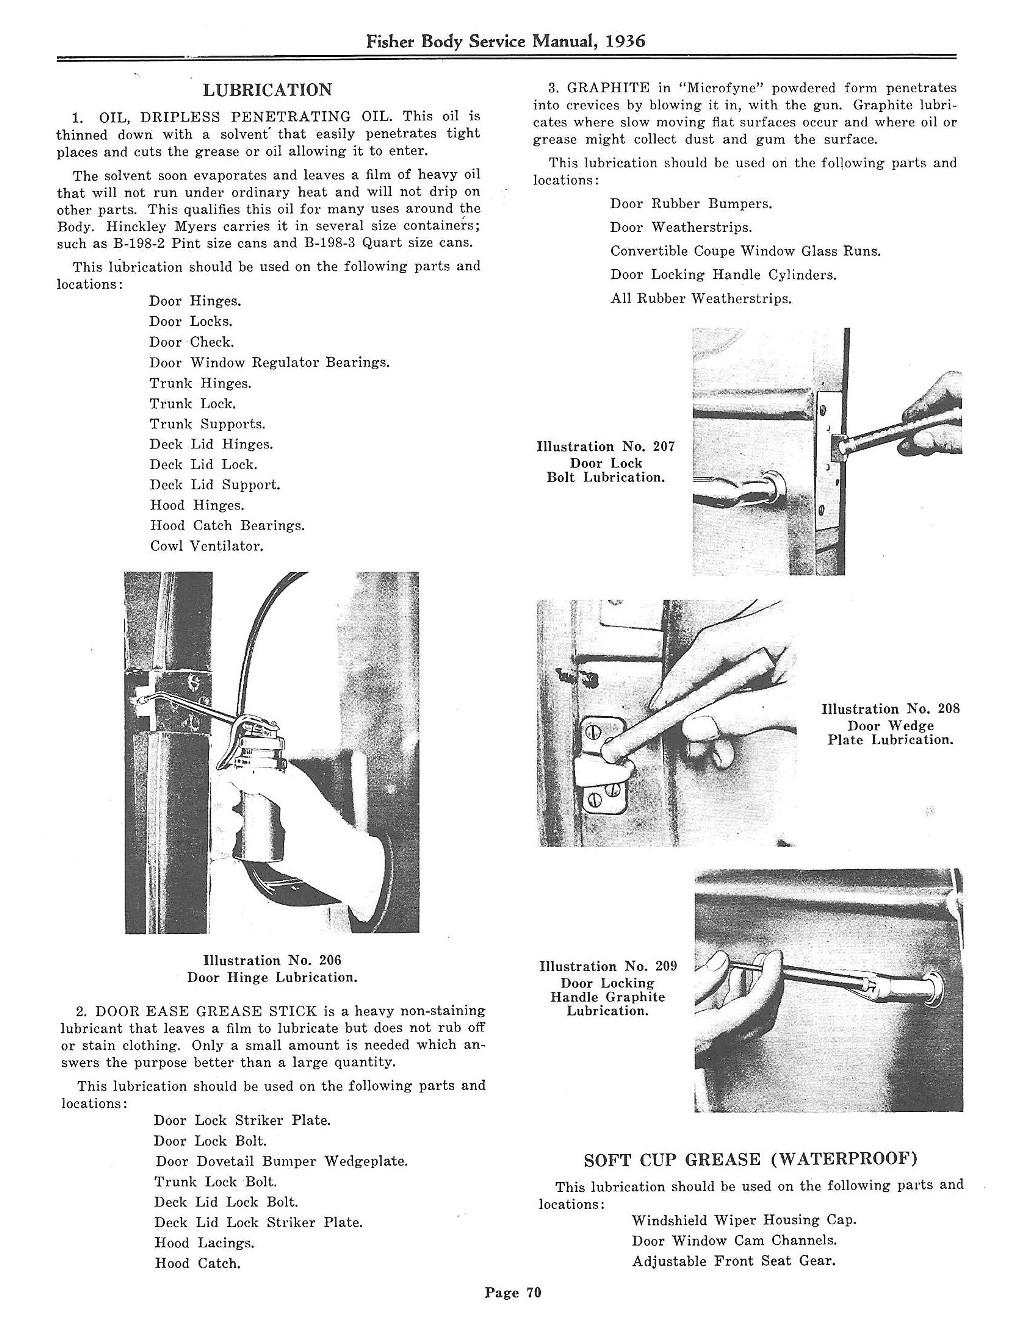 All Classic Jaguar Parts & Information ads bundled together